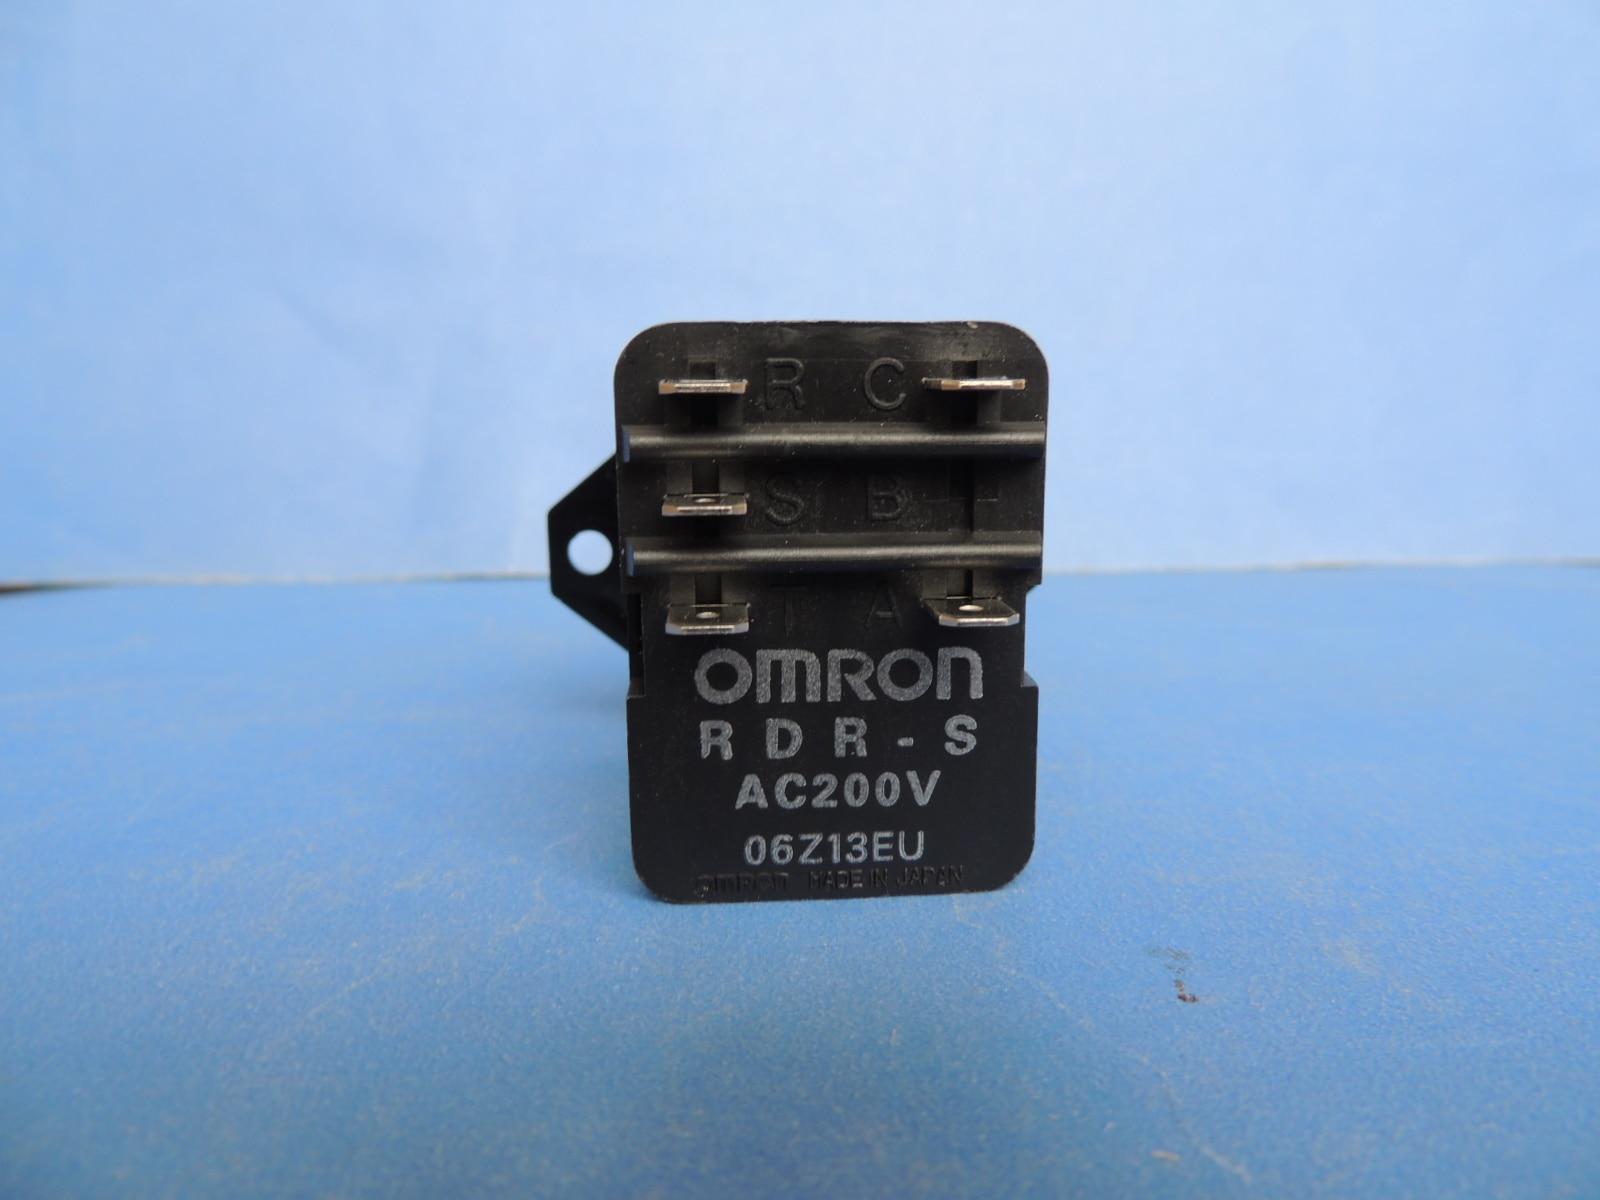 New original genuine accessories RDR-S AC200V warranty for one yearNew original genuine accessories RDR-S AC200V warranty for one year